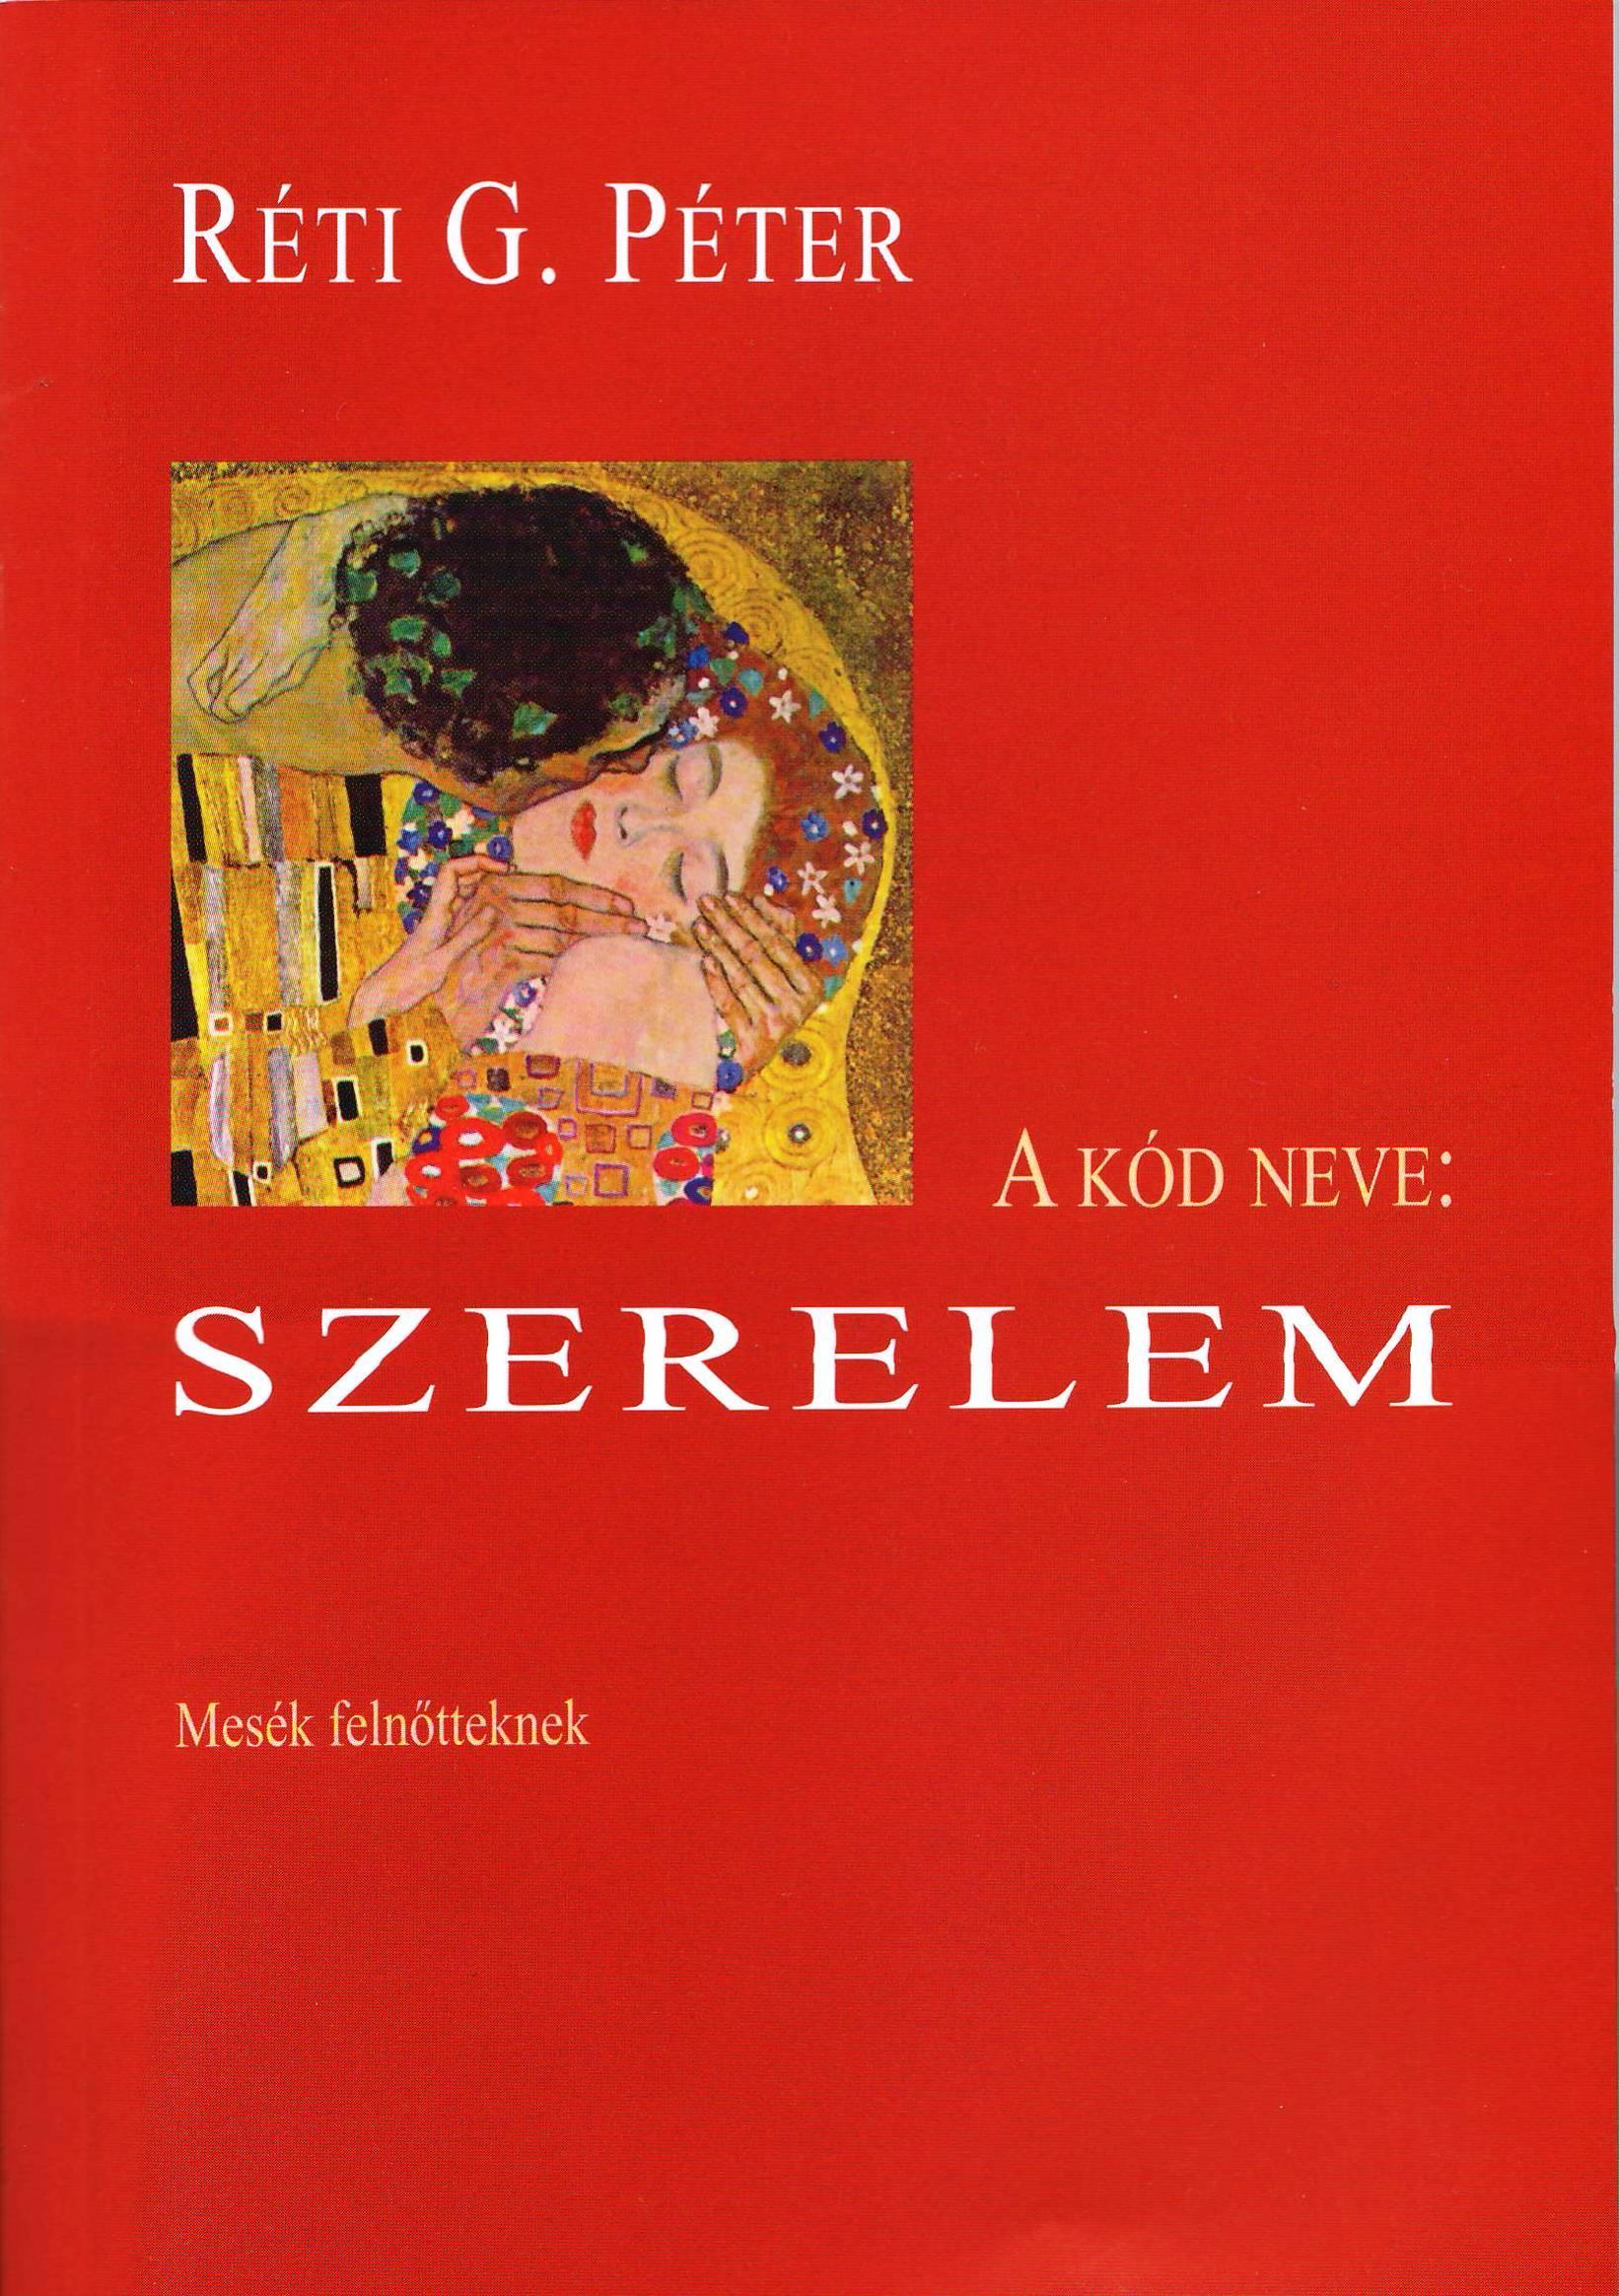 A KÓD NEVE: SZERELEM - MESÉK FELNŐTTEKNEK